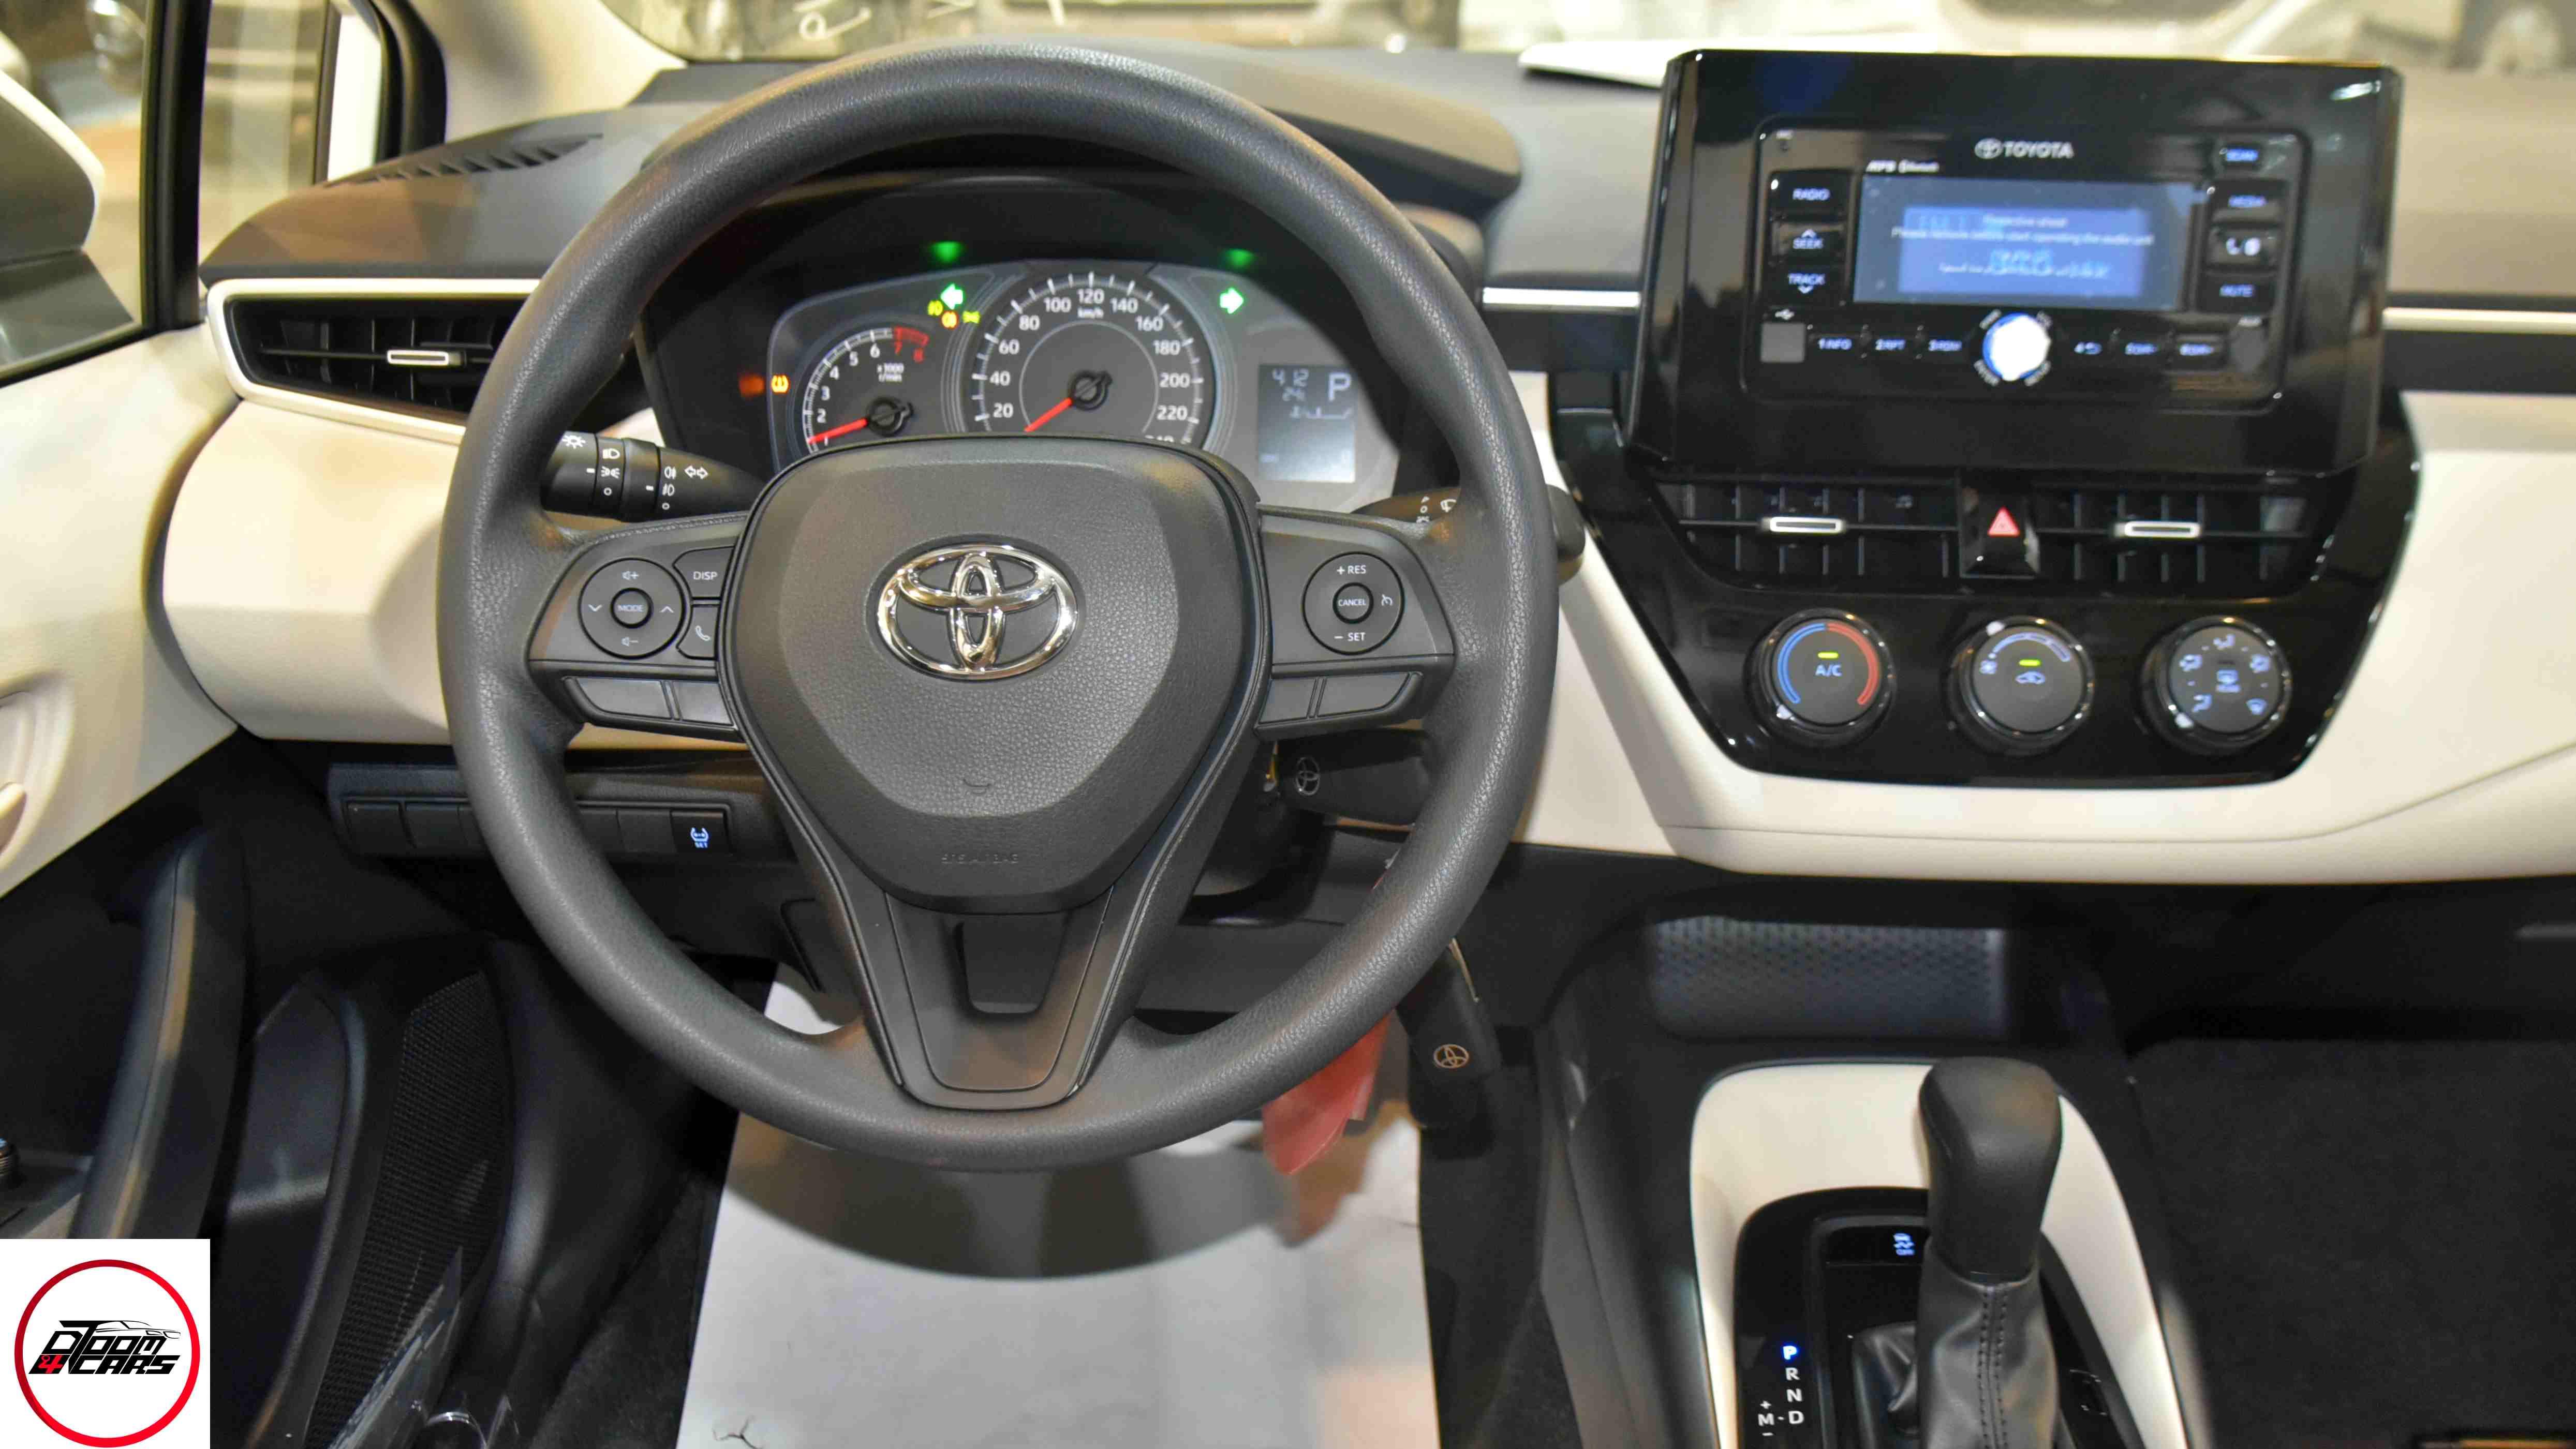 تويوتا كورولا 2021 ستاندر  XLi سعودي جديد للبيع في الرياض - السعودية - صورة كبيرة - 8